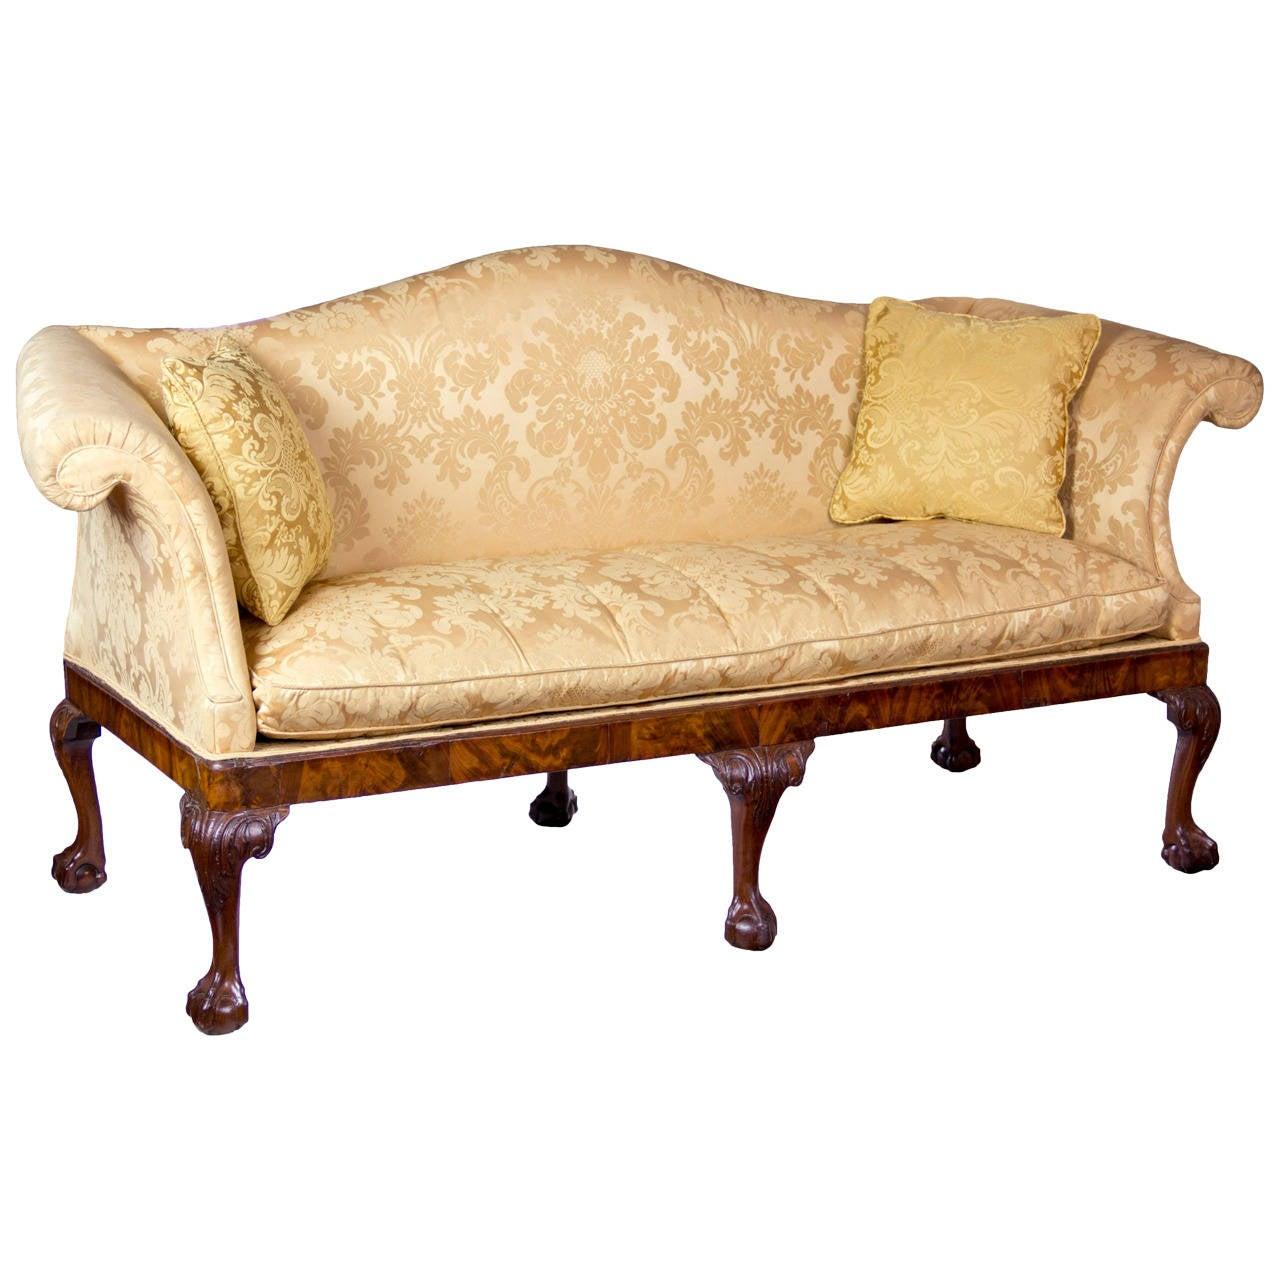 Fullsize Of Camel Back Sofa